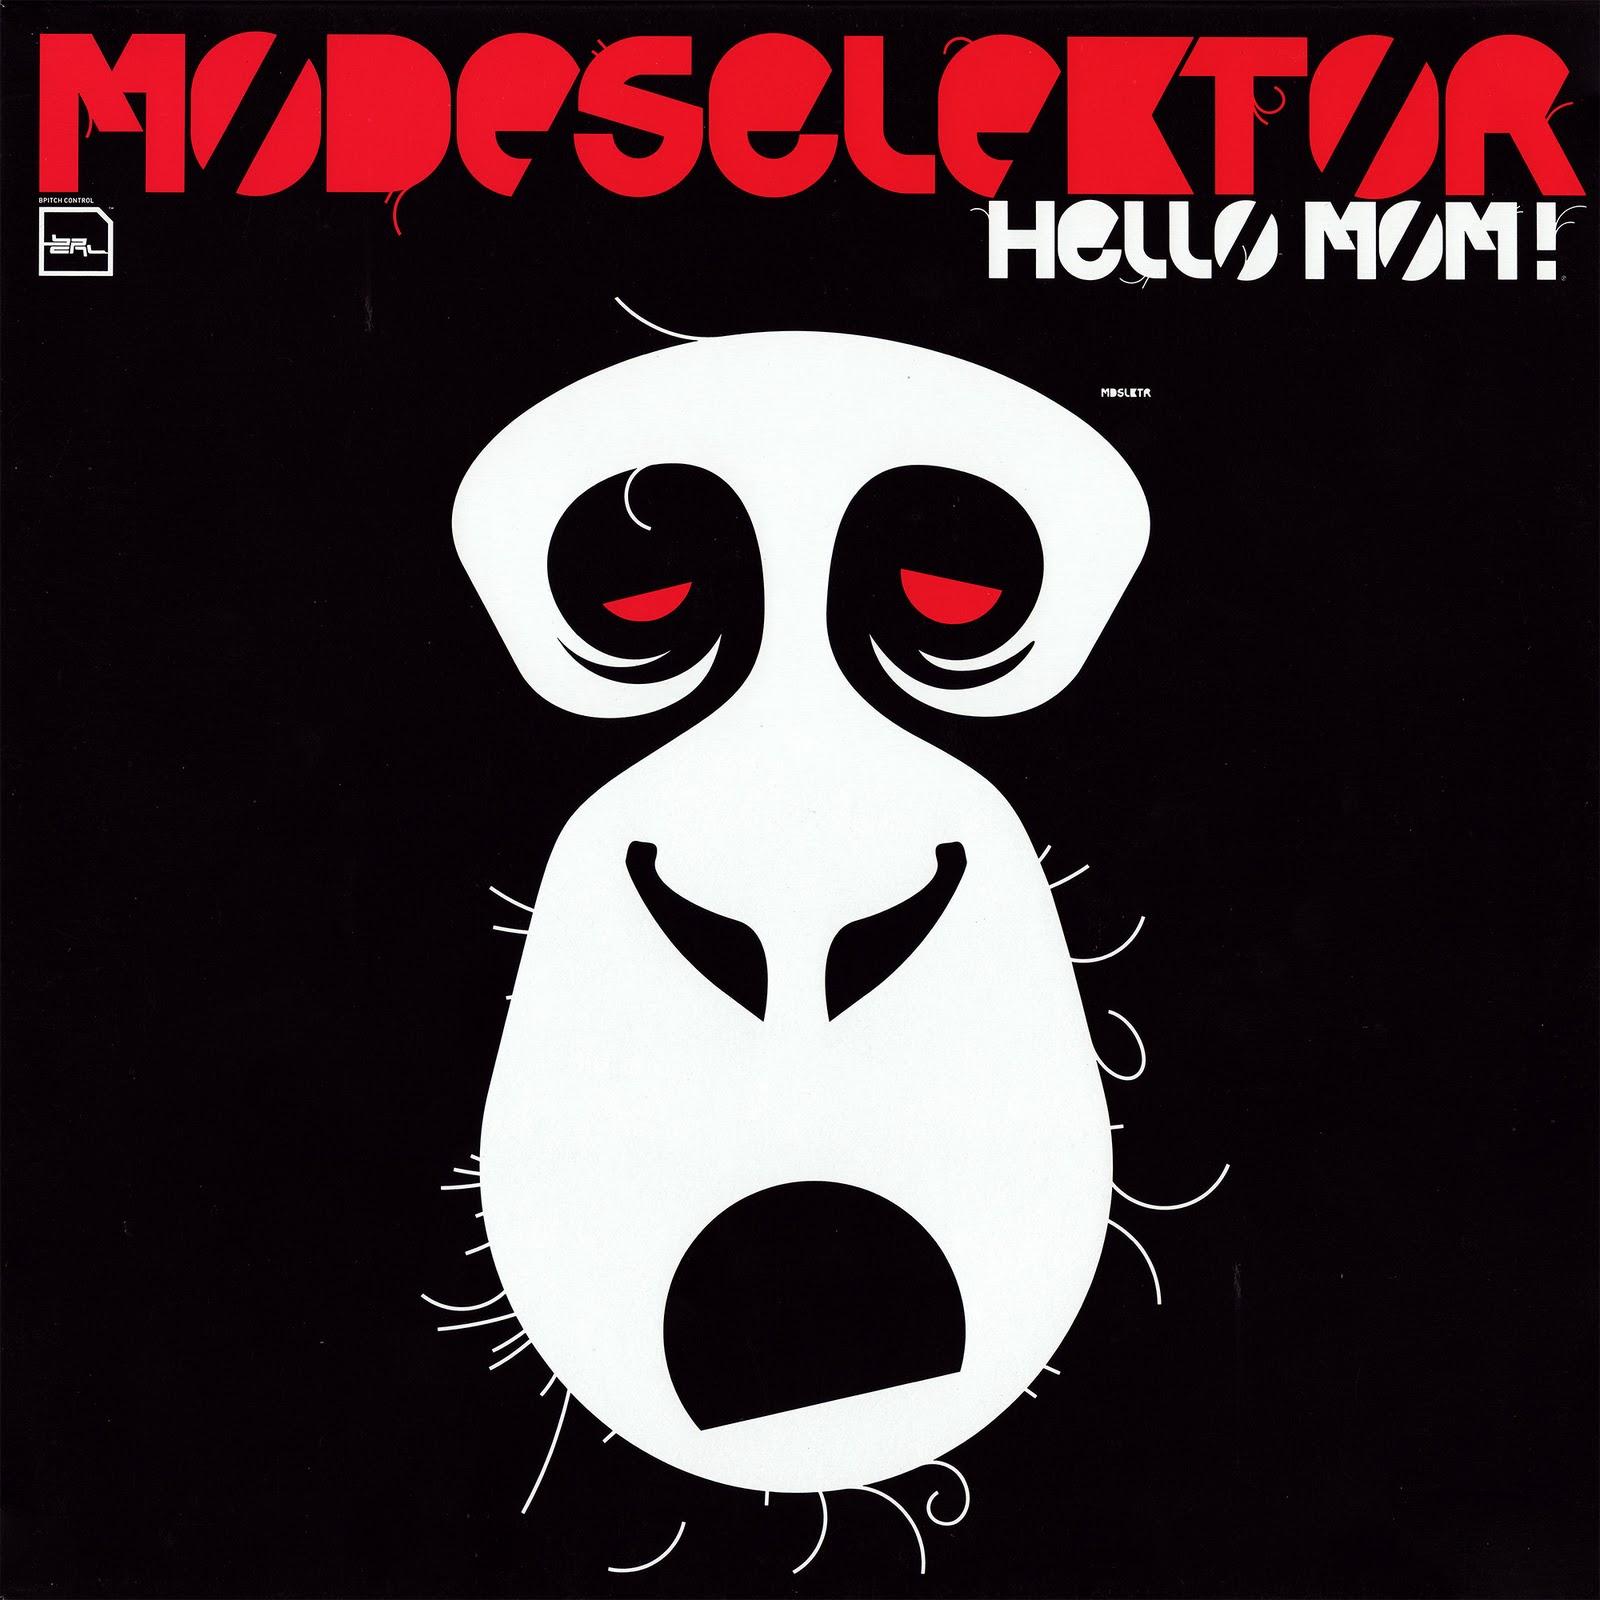 (EN) Modeselektor - Hello Mom!